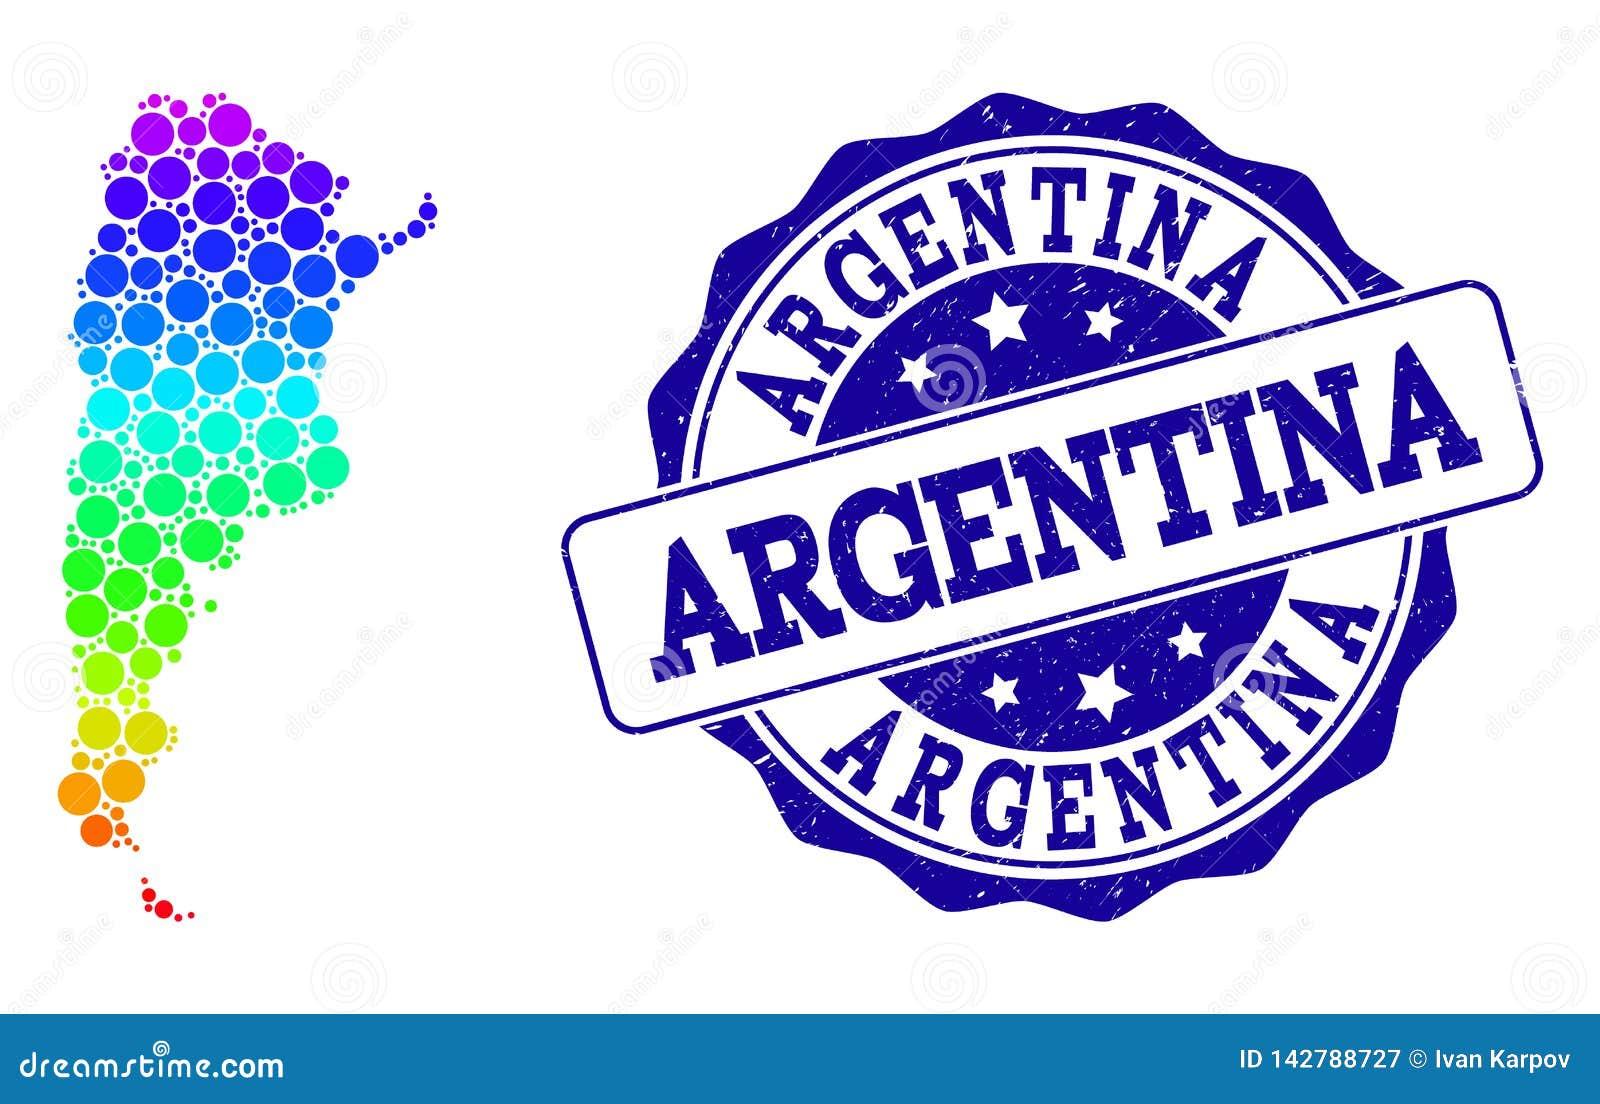 Διαστιγμένος χάρτης ουράνιων τόξων της σφραγίδας γραμματοσήμων της Αργεντινής και Grunge